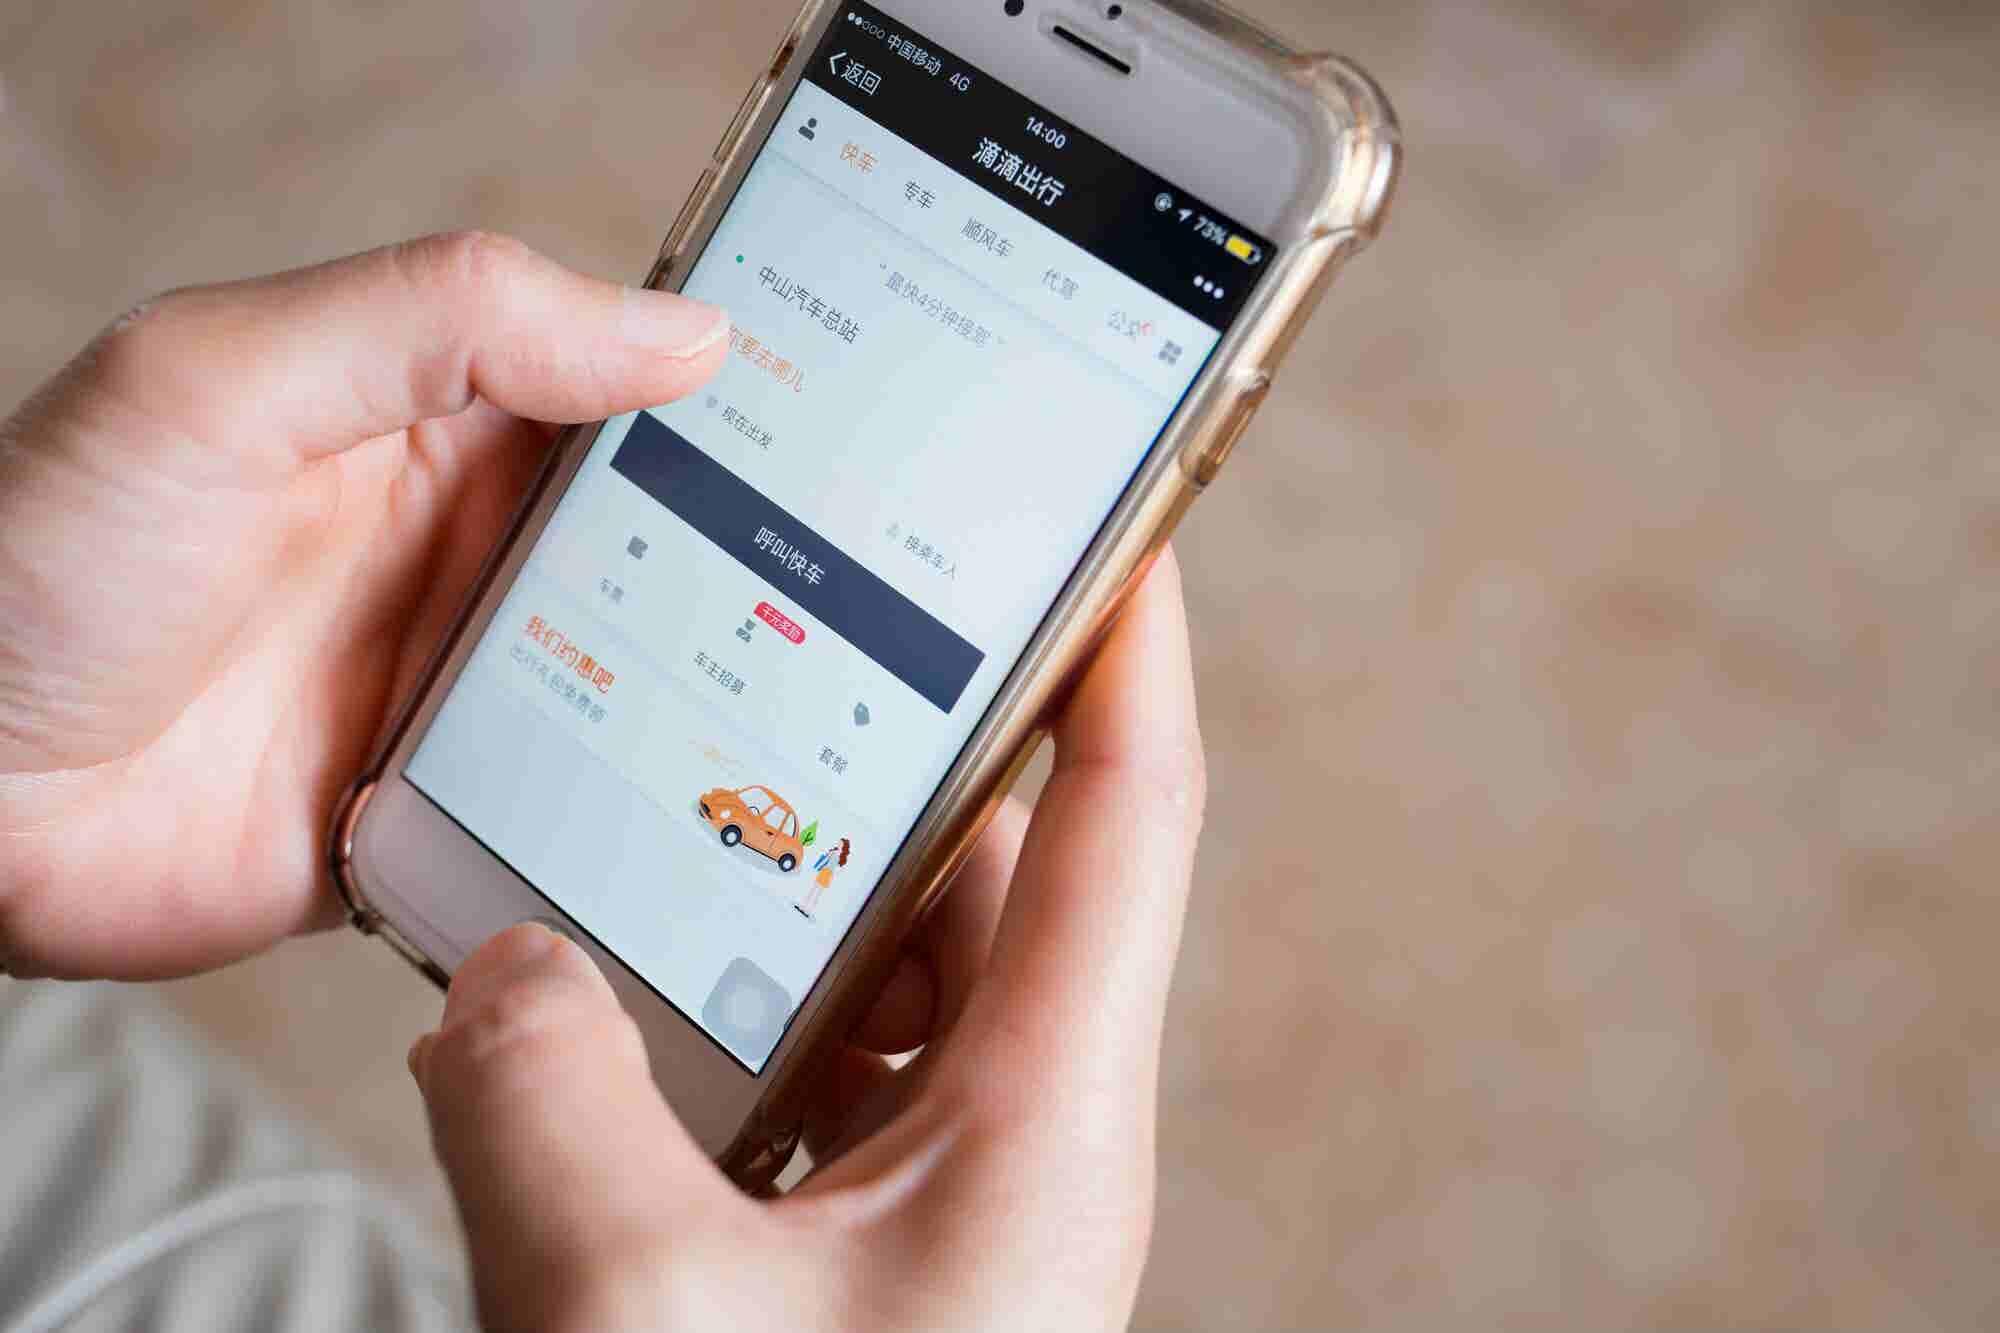 El rival de Uber, Didi, enfrenta escándalo por asesinatos